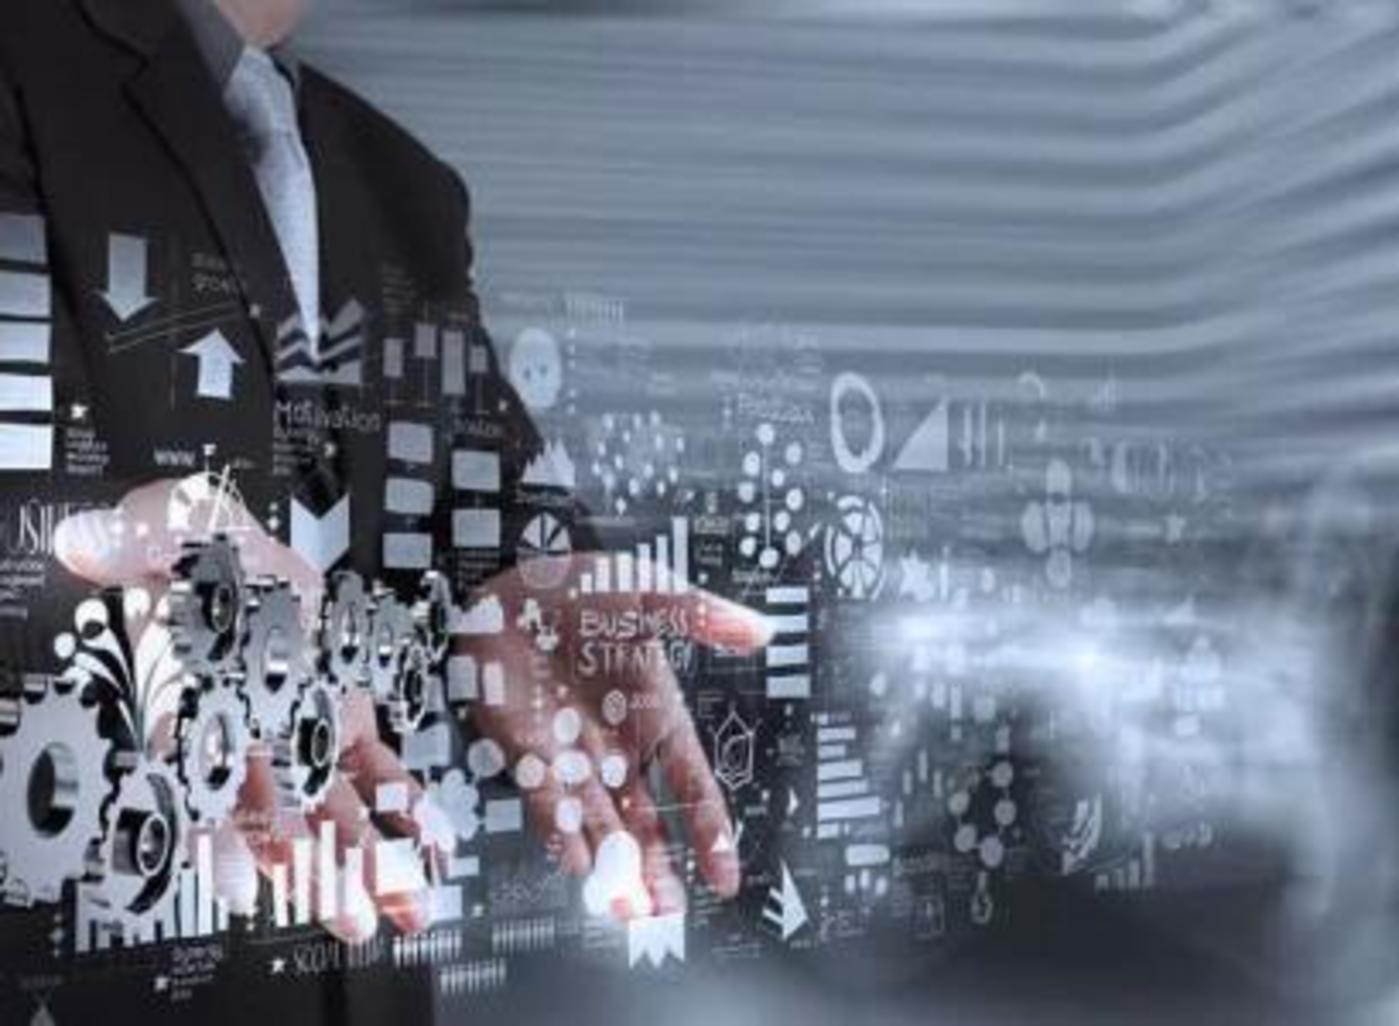 为什么在匹配资金方呢.大数据建模、实时资金匹配、纯线上获客,一个技术公司的金融服务探索